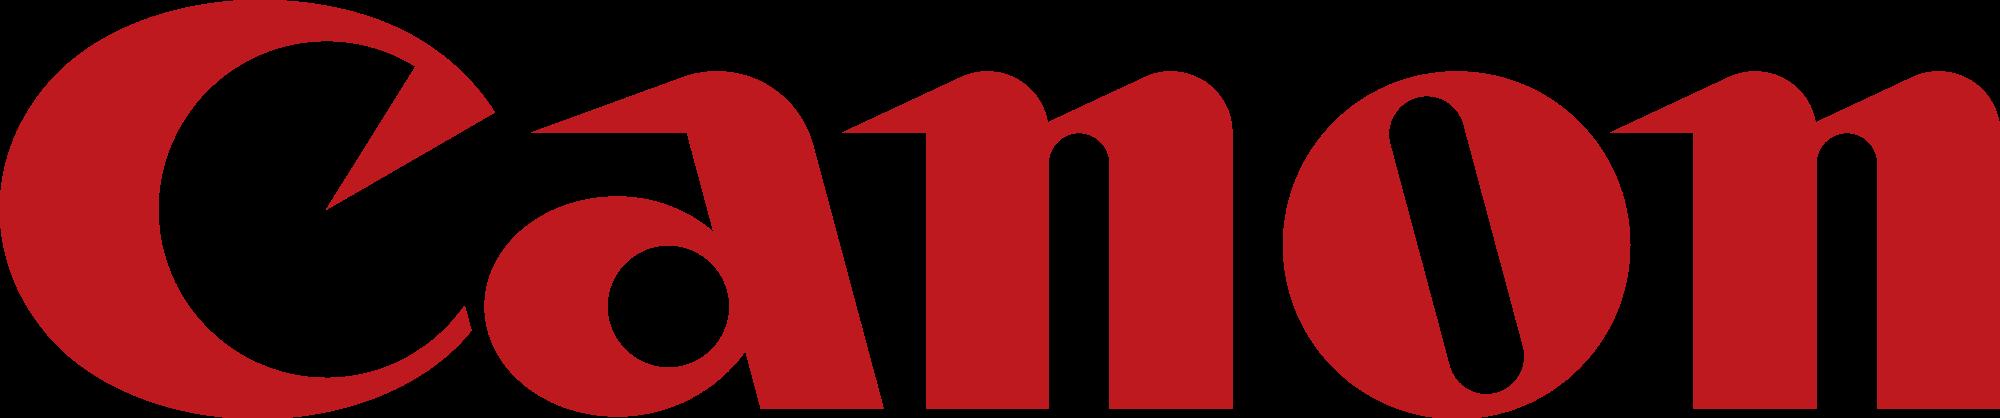 دستگاه کپی C5550i MFP کانن محصول شرکت نامآشنای «کانن» (Canon) است ، این شرکت همواره در زمینه چاپ و کپی یکی از بهترین گزینه های بازار محسوب میشود؛bia2takhfif